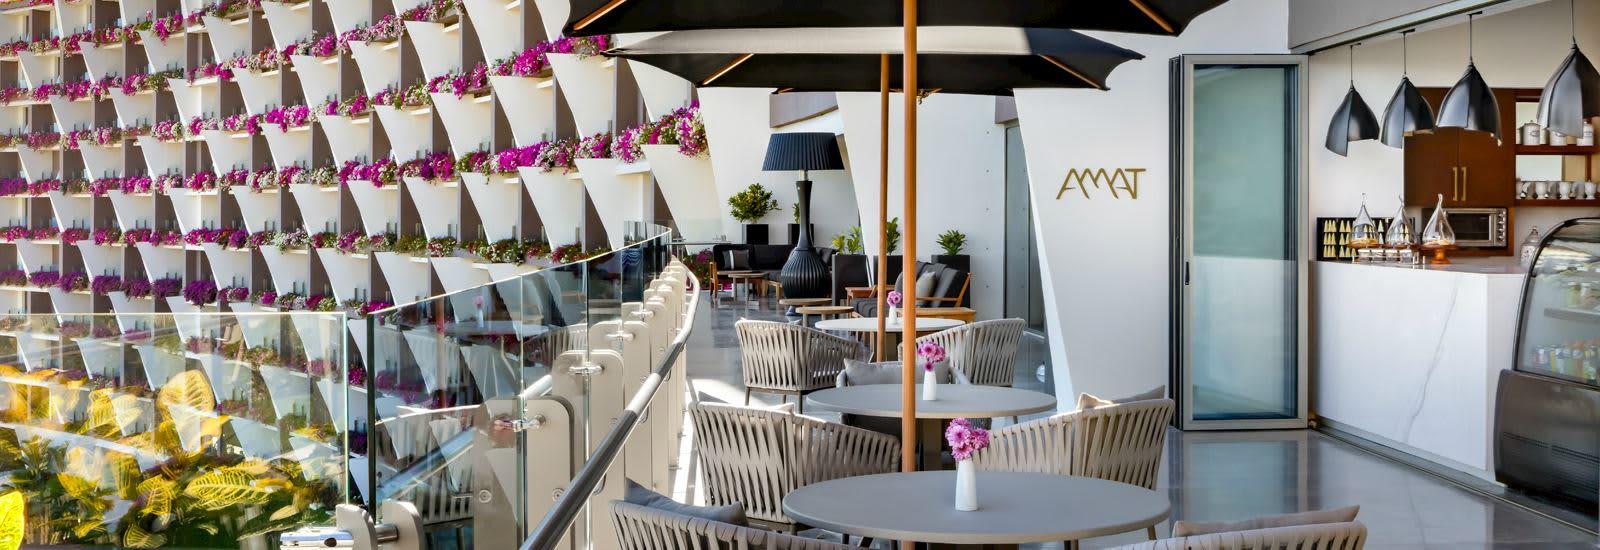 Grand Velas Los Cabos Resort, Mexico Services